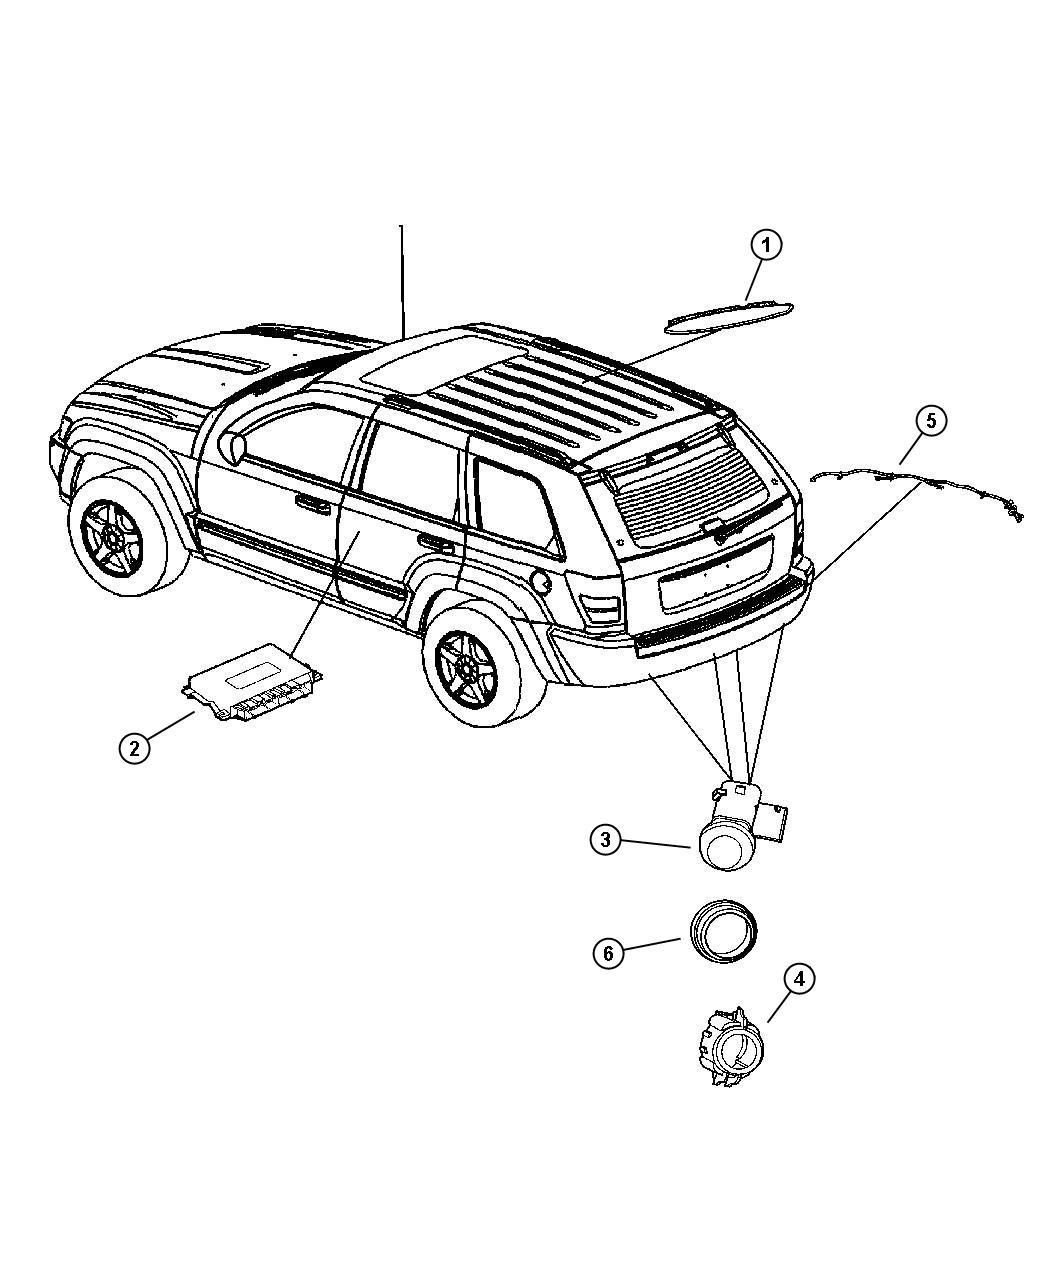 Toyota Celica Gt Fuse Box